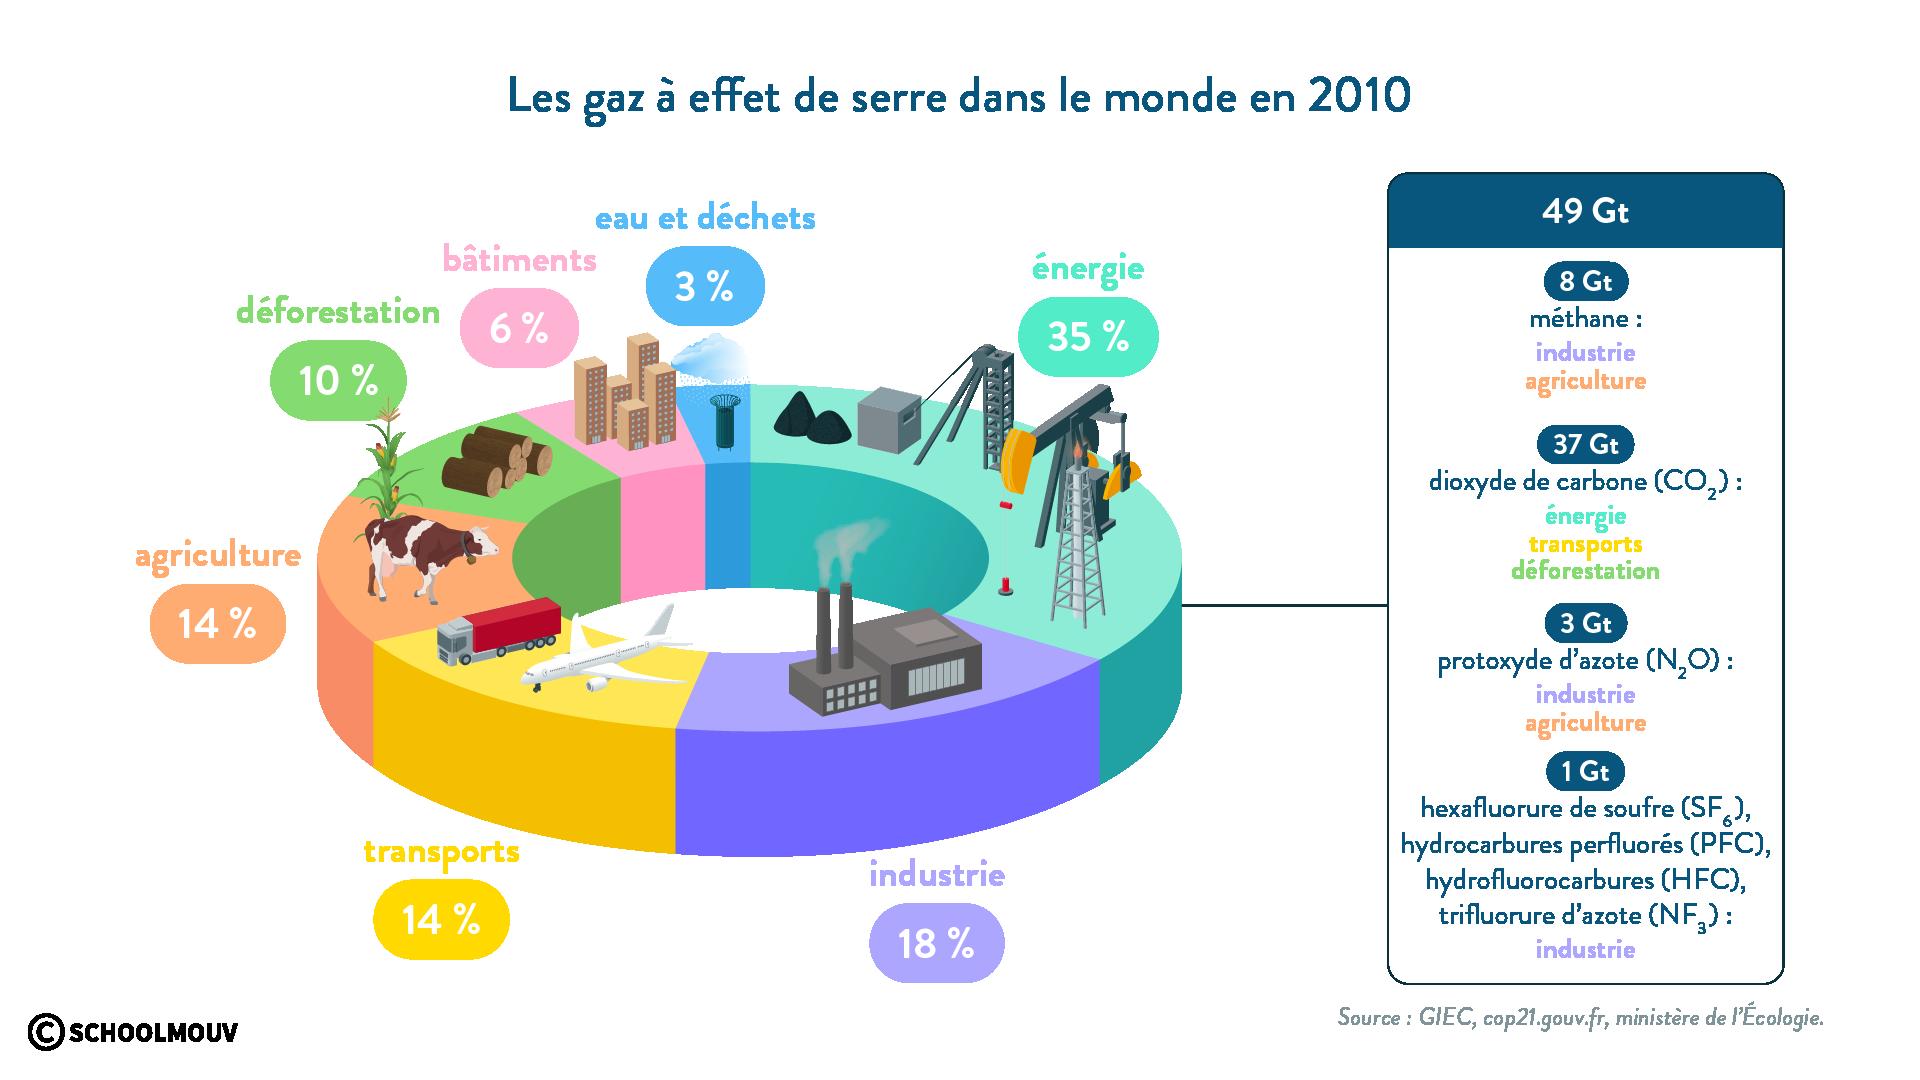 Le gaz à effet de serre dans le monde - SchoolMouv - Géographie - 2de